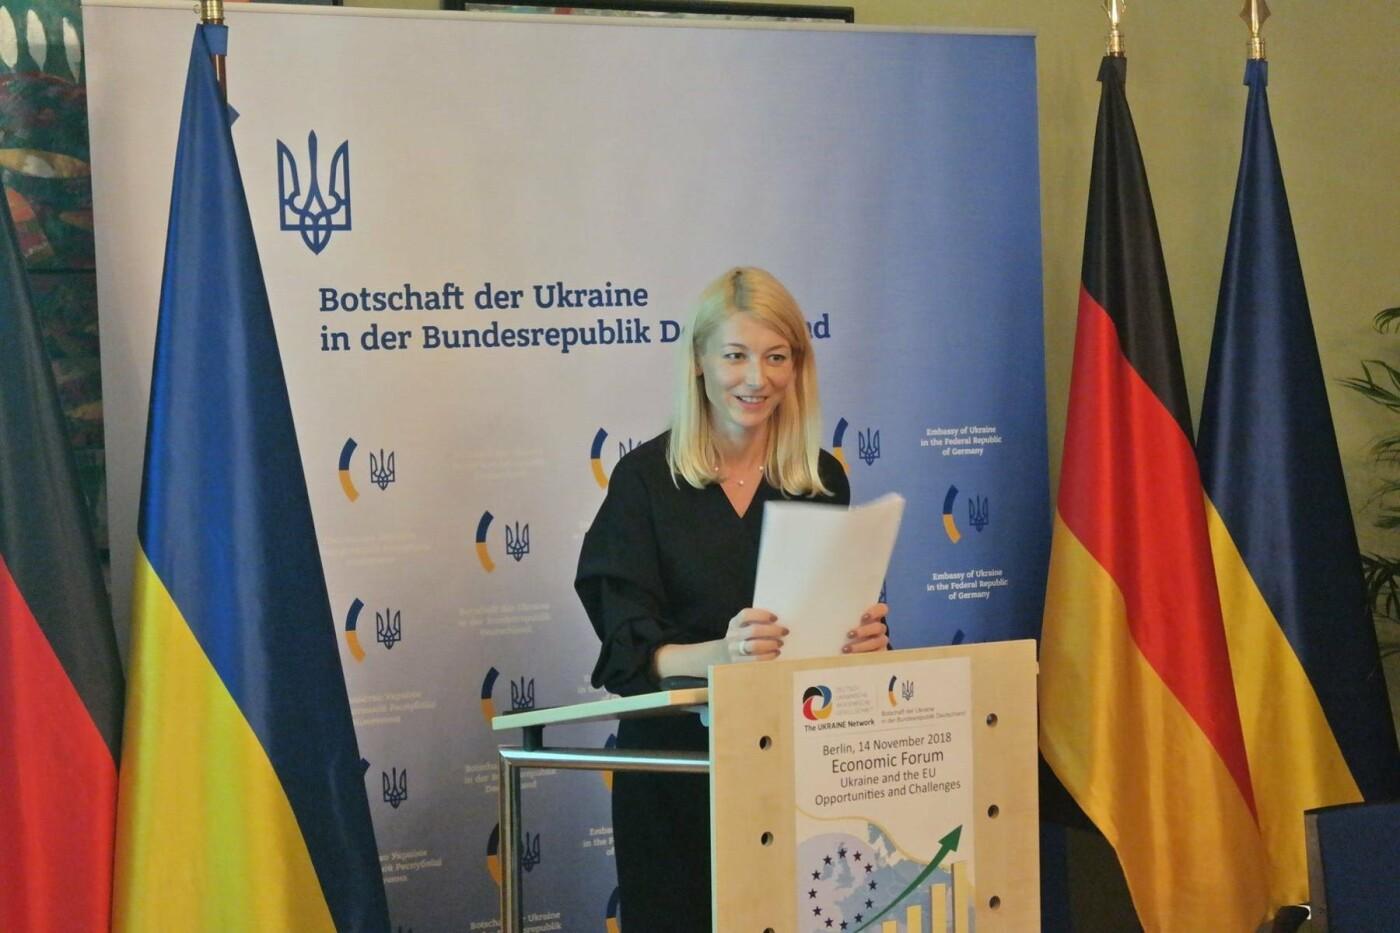 За ініціативи Сумського науковця і за підтримки Посольства України у ФРН відбувся Економічний Форум у м. Берлін, фото-1